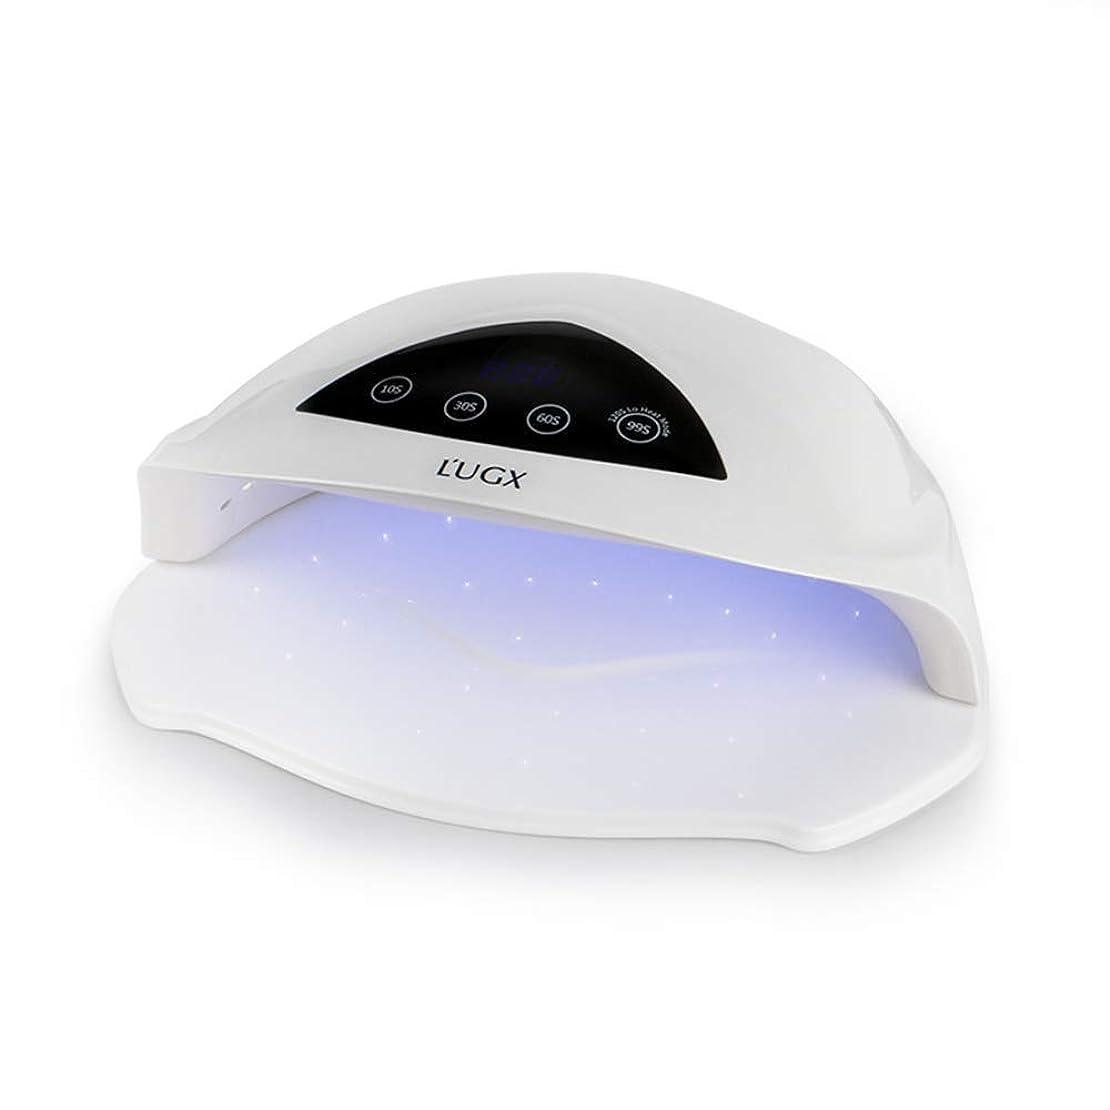 エッセンス確認緑ネイルランプ、72Wハイパワーネイルランプ、UVスマート赤外線センサーネイル光線療法ランプ、36ランプビーズ - ホワイト